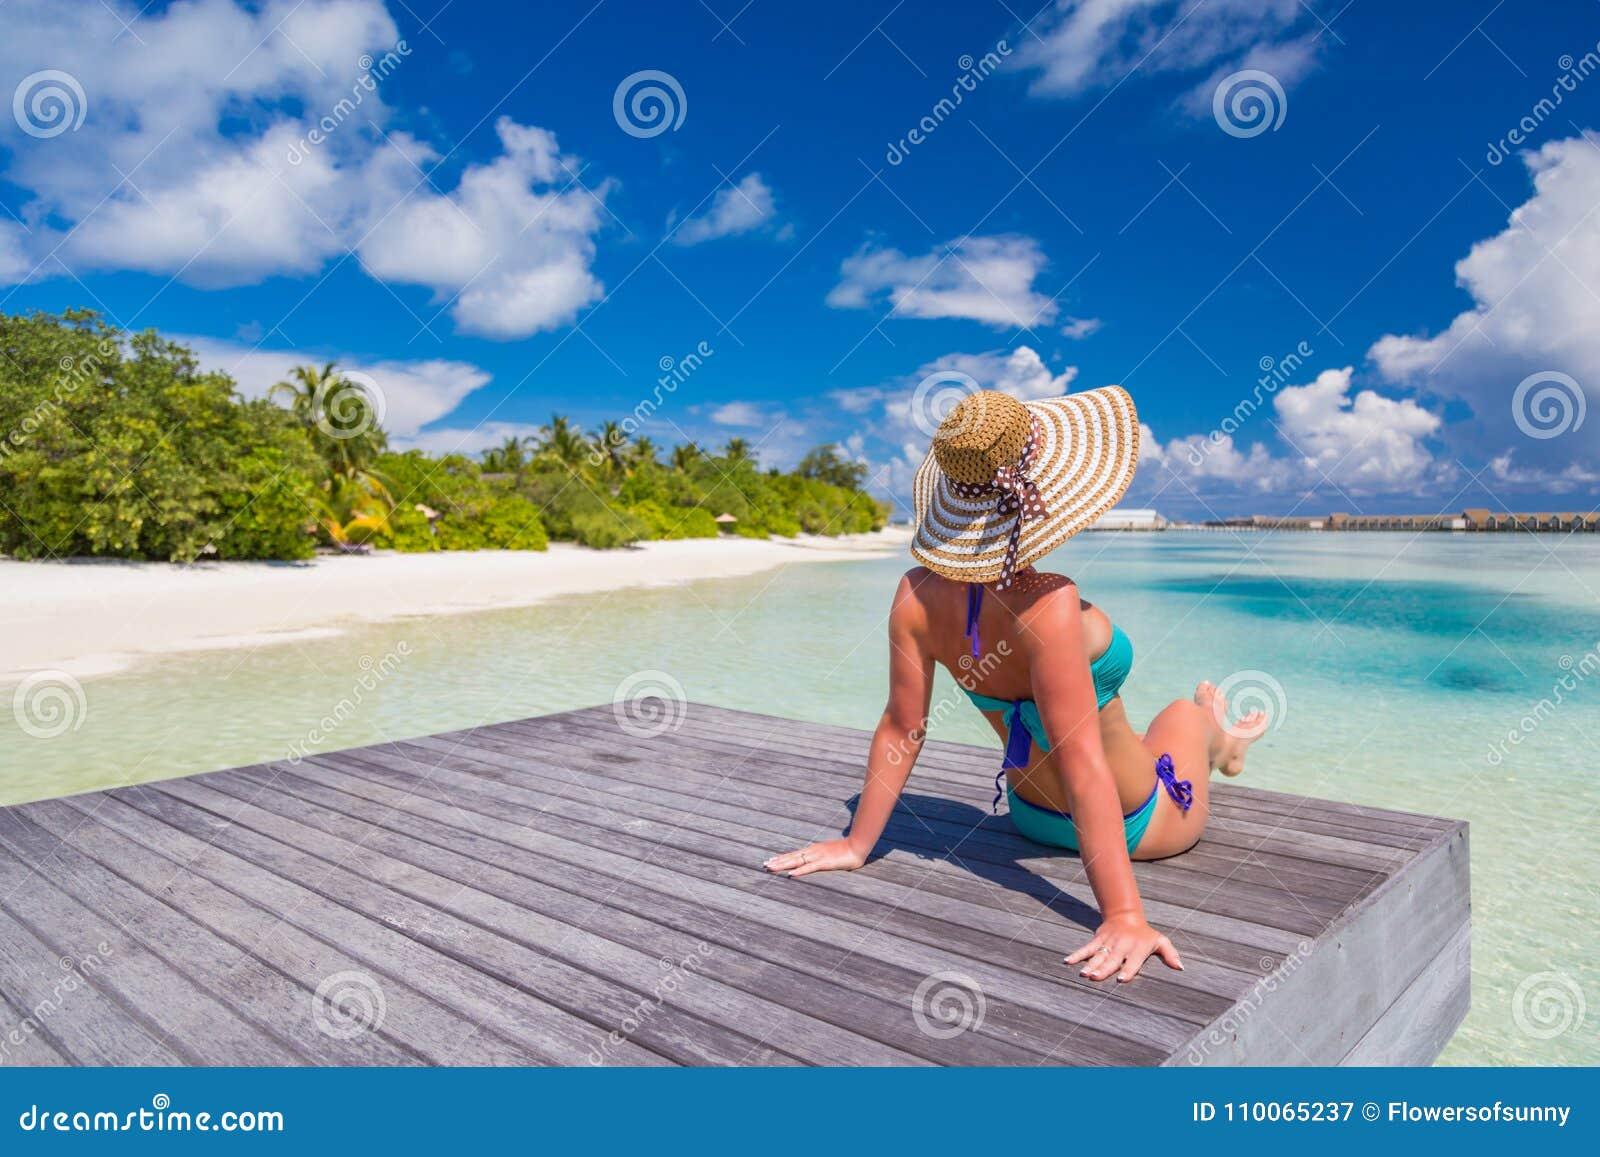 Härlig attraktiv kvinna i bikinin och hatten som ligger på strandträbryggan och den lyxiga vattenvillan Havssikt, lyxig livsstil